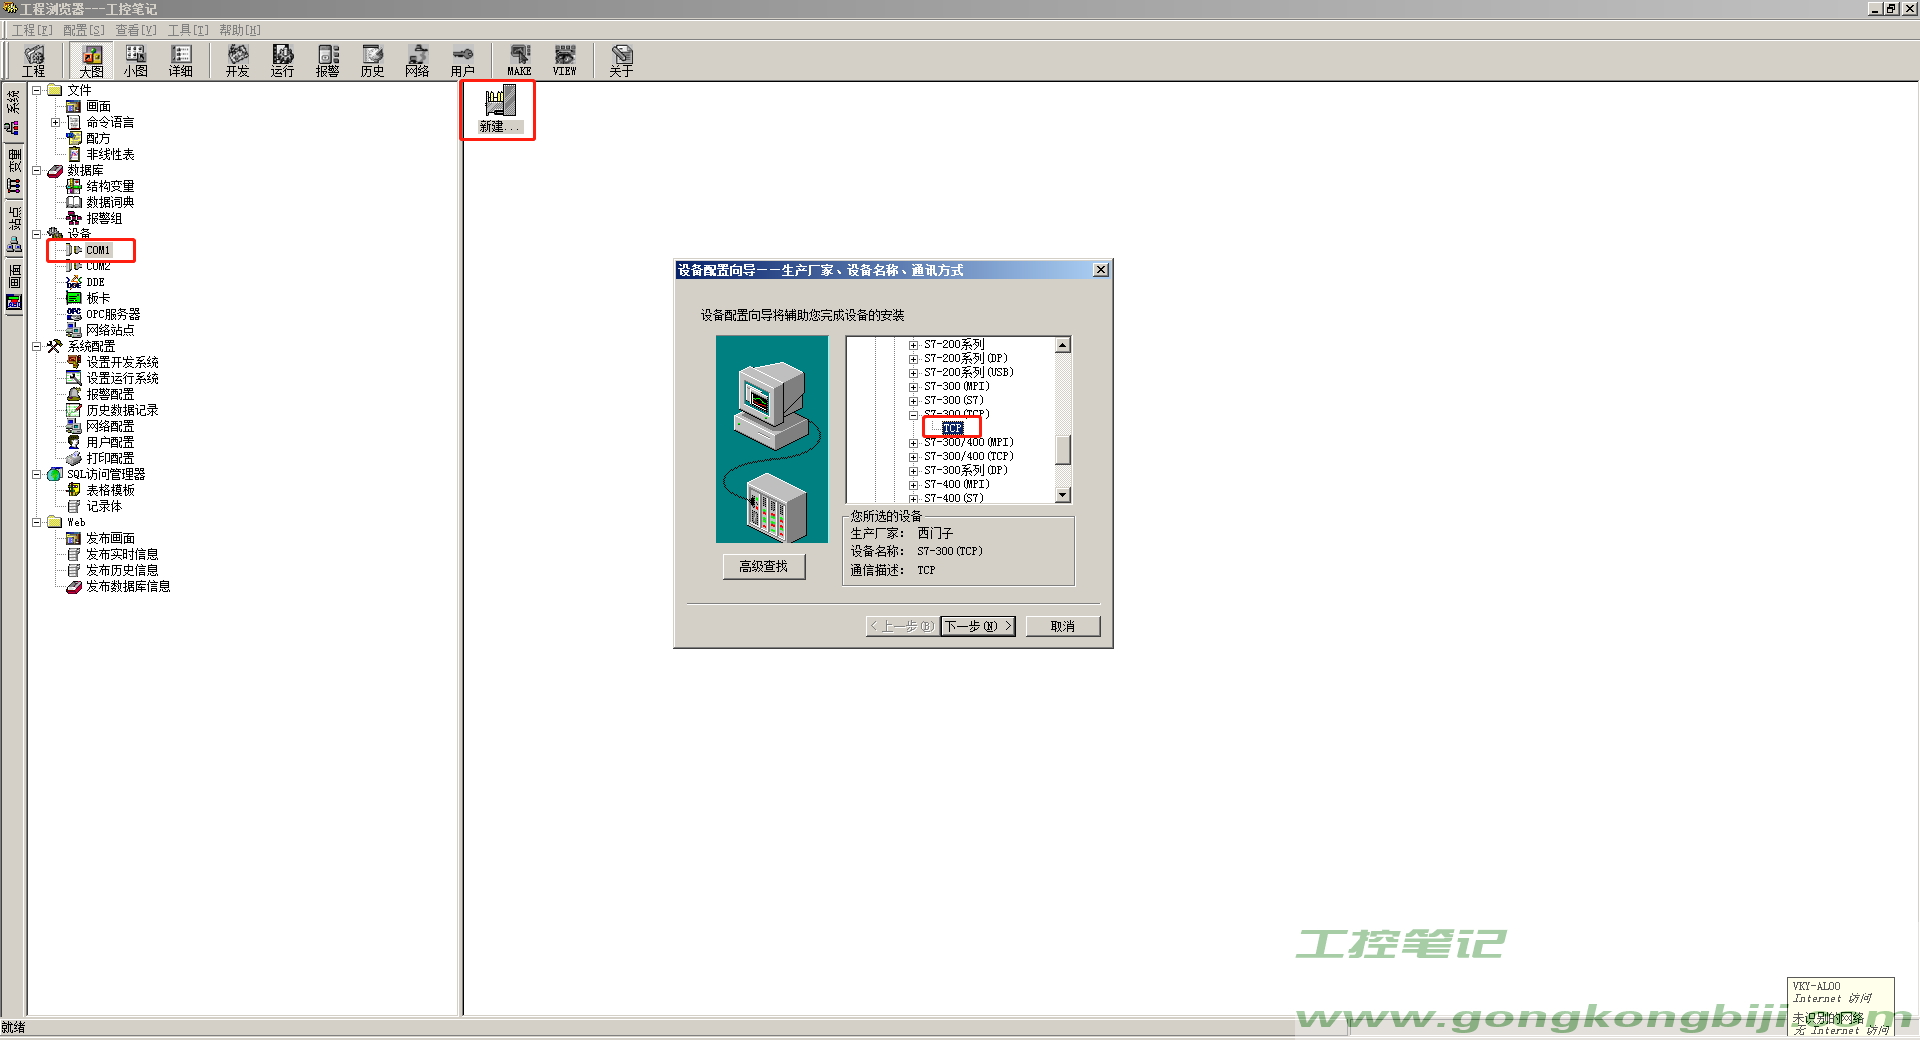 【组态王】组态王与S7-300 TCP连接